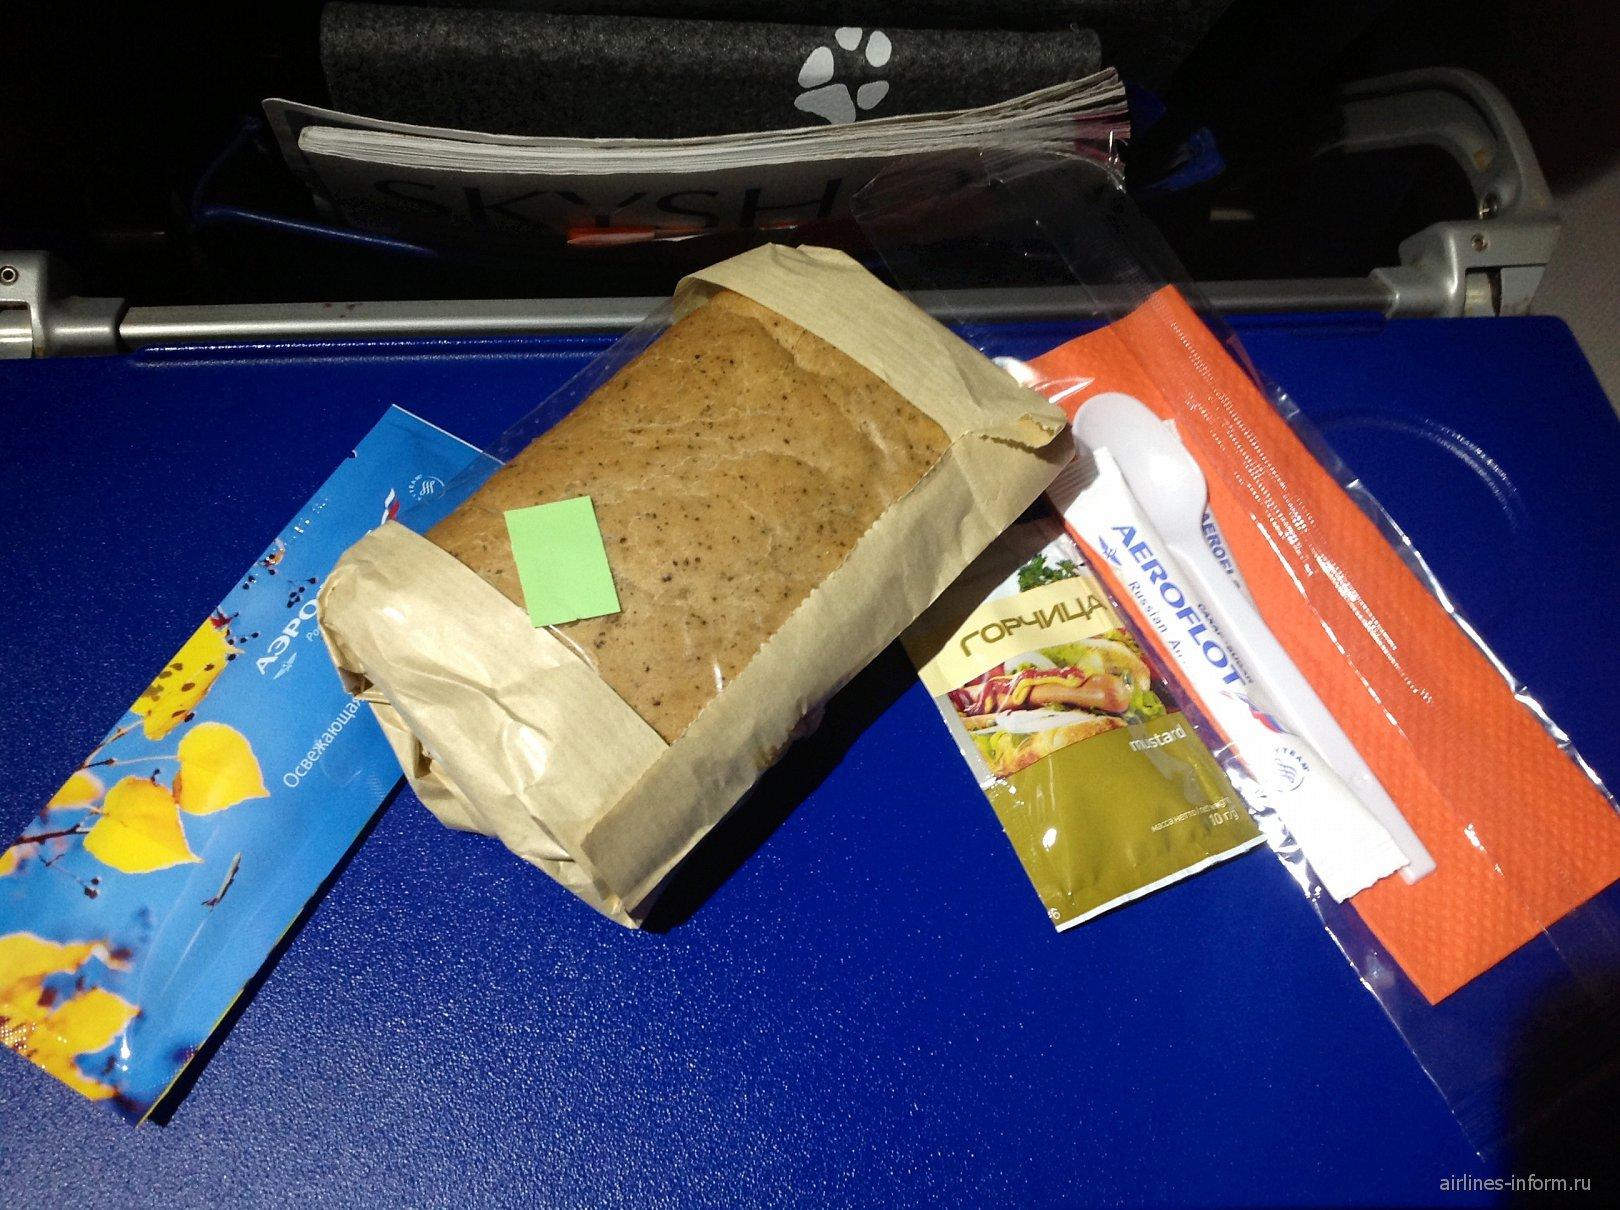 Бортовое питание (сэндвич с курицей) на рейсе Аэрофлота Хельсинки-Москва